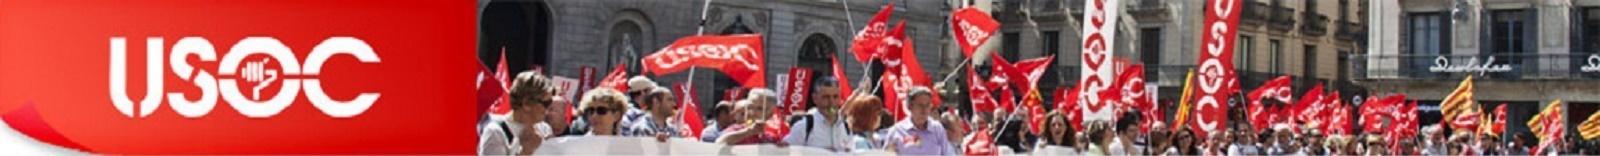 Banner capçalera USOC manifestació